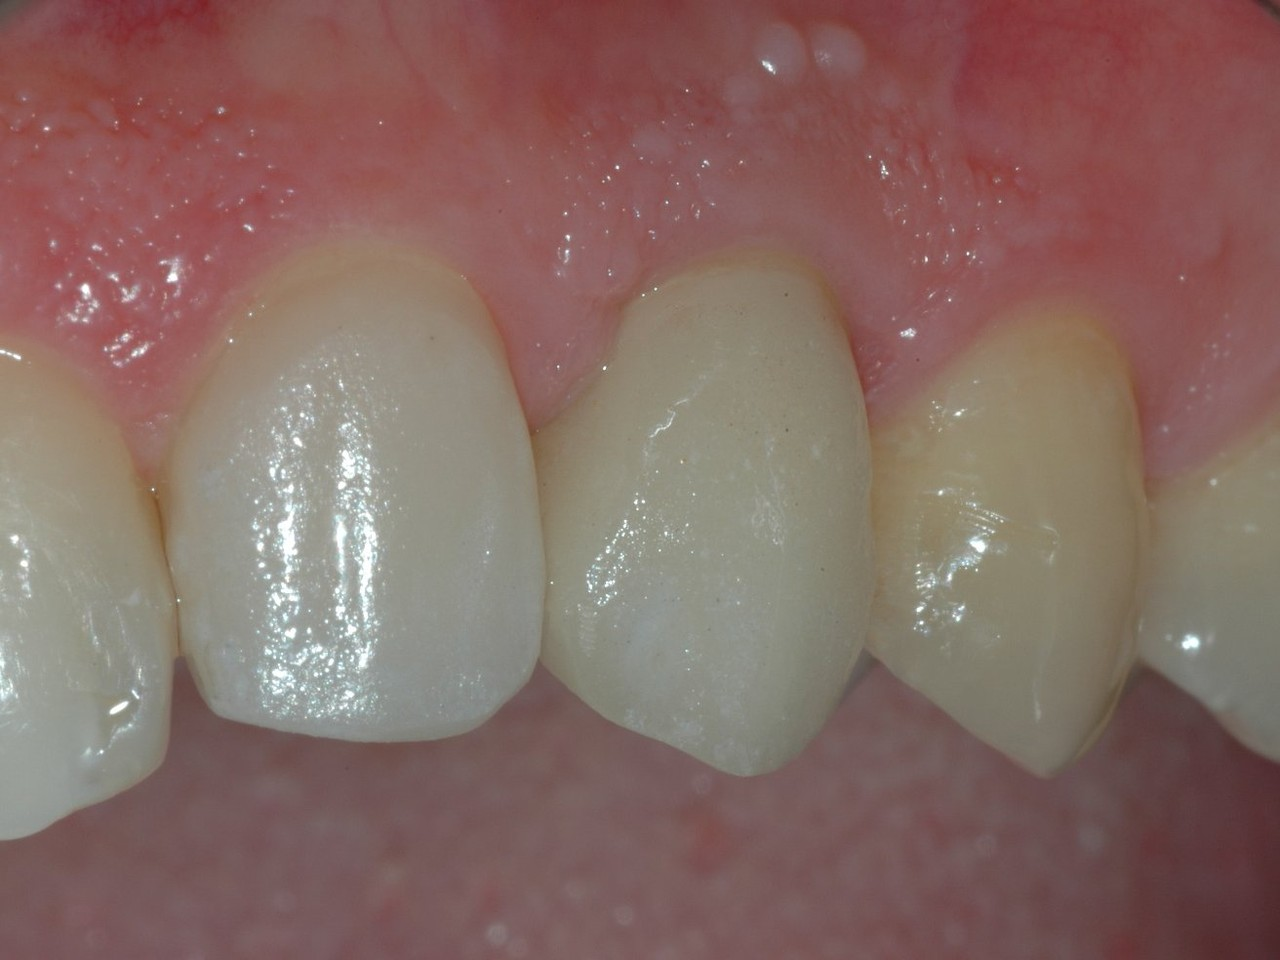 La realizzazione di una faccetta sul dente davanti per armonizzare il sorriso